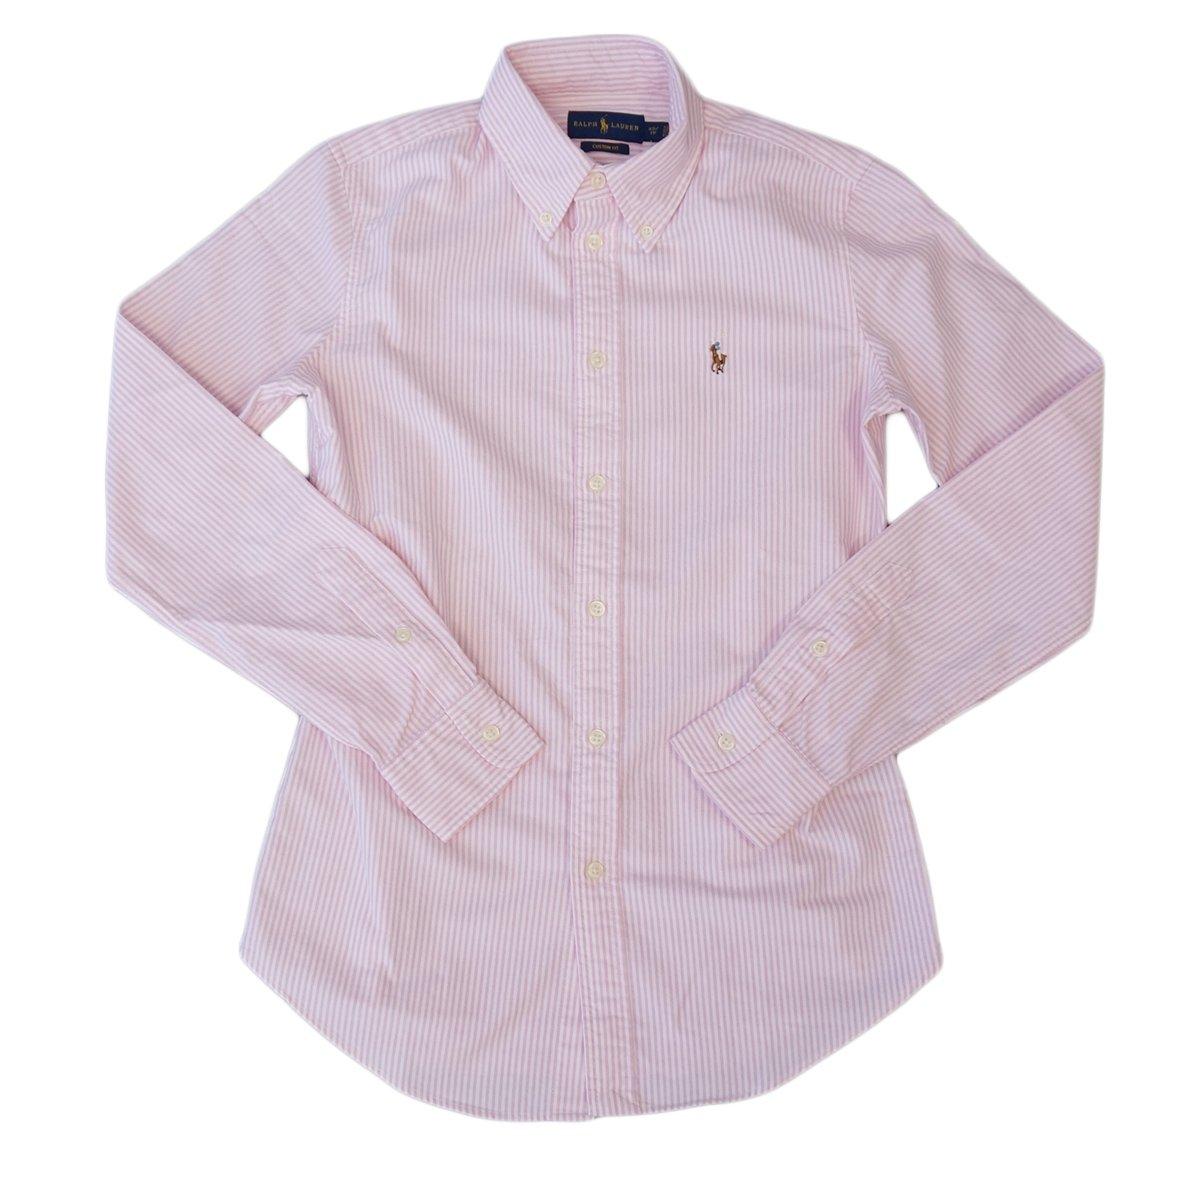 (ポロ ラルフローレン) POLO Ralph Lauren 長袖 シャツ ワンポイント ワイシャツ レディース オックスフォード [並行輸入品] B0151N4BBO XL|ピンク/ホワイト ピンク/ホワイト XL